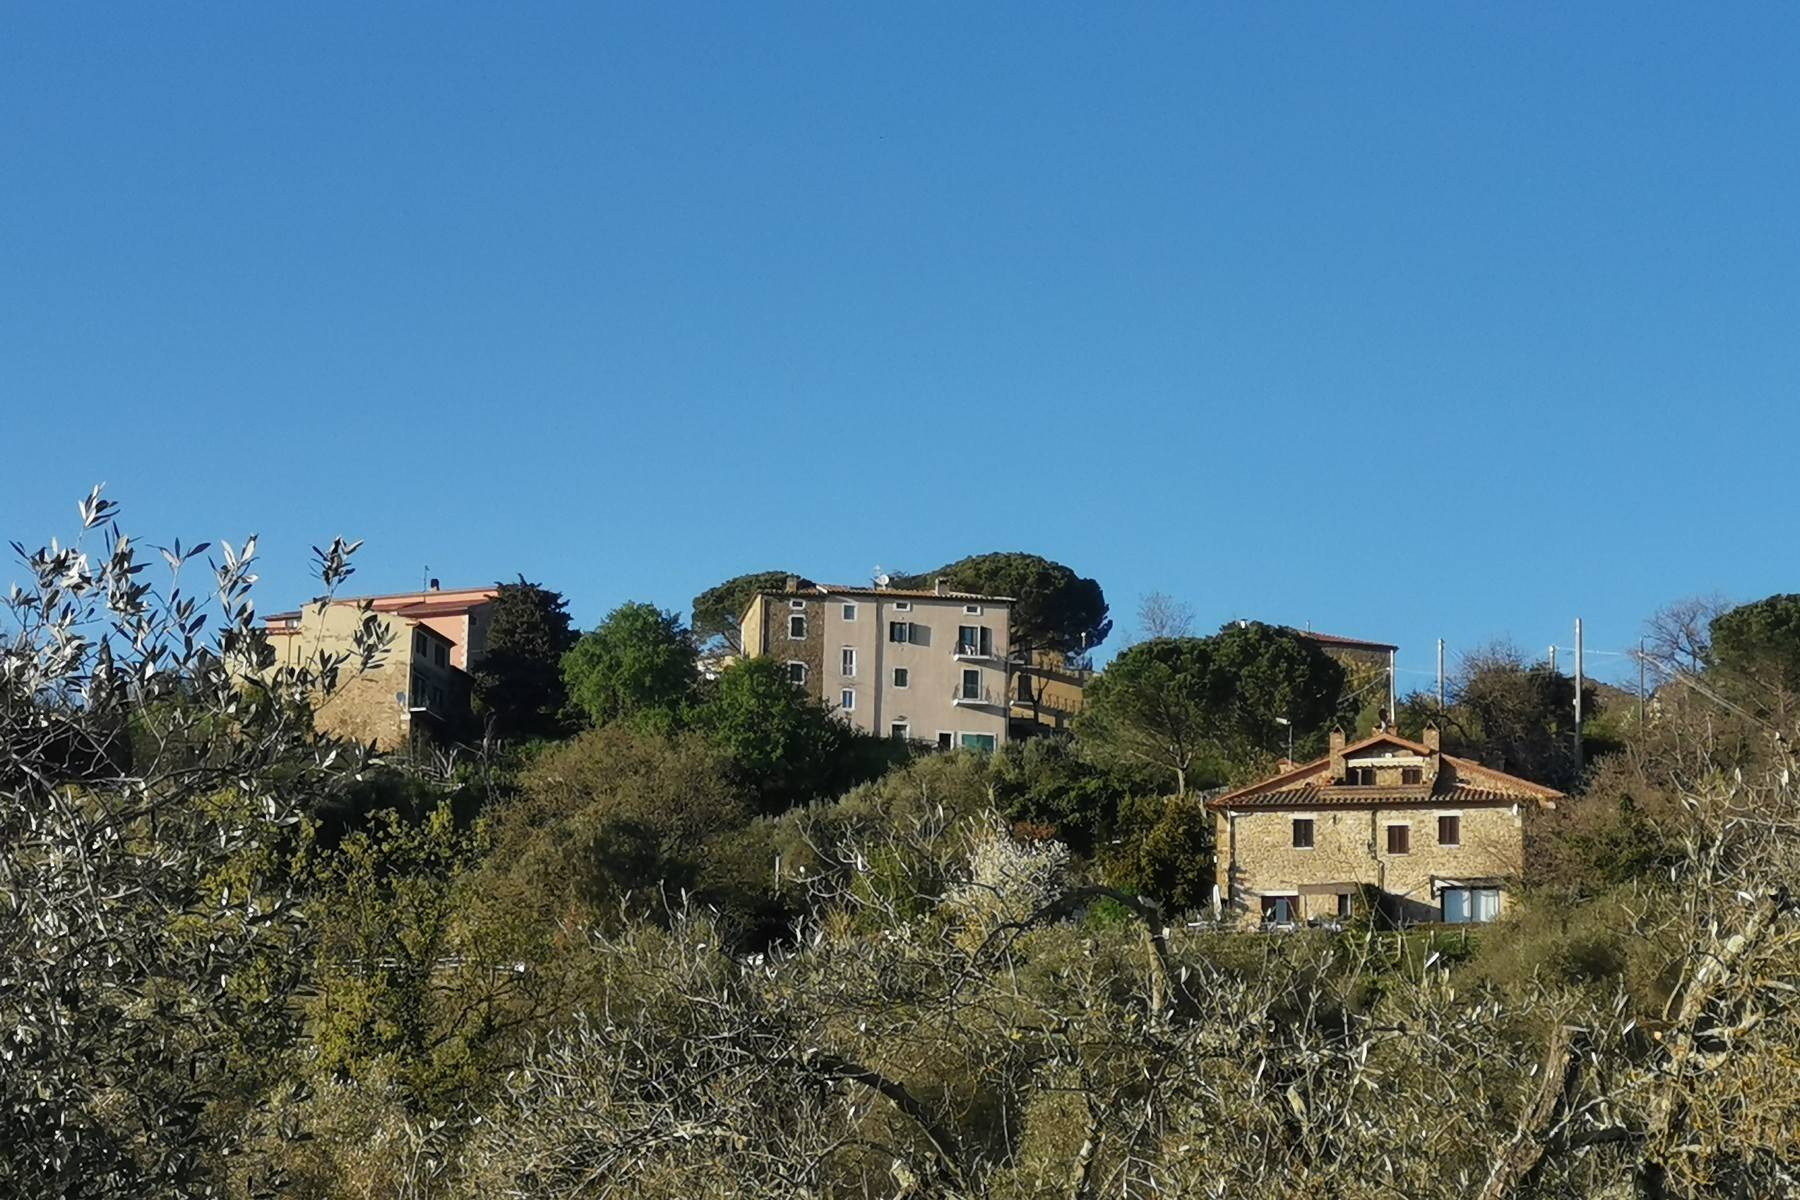 Casa indipendente in Vendita a Manciano: 5 locali, 585 mq - Foto 11